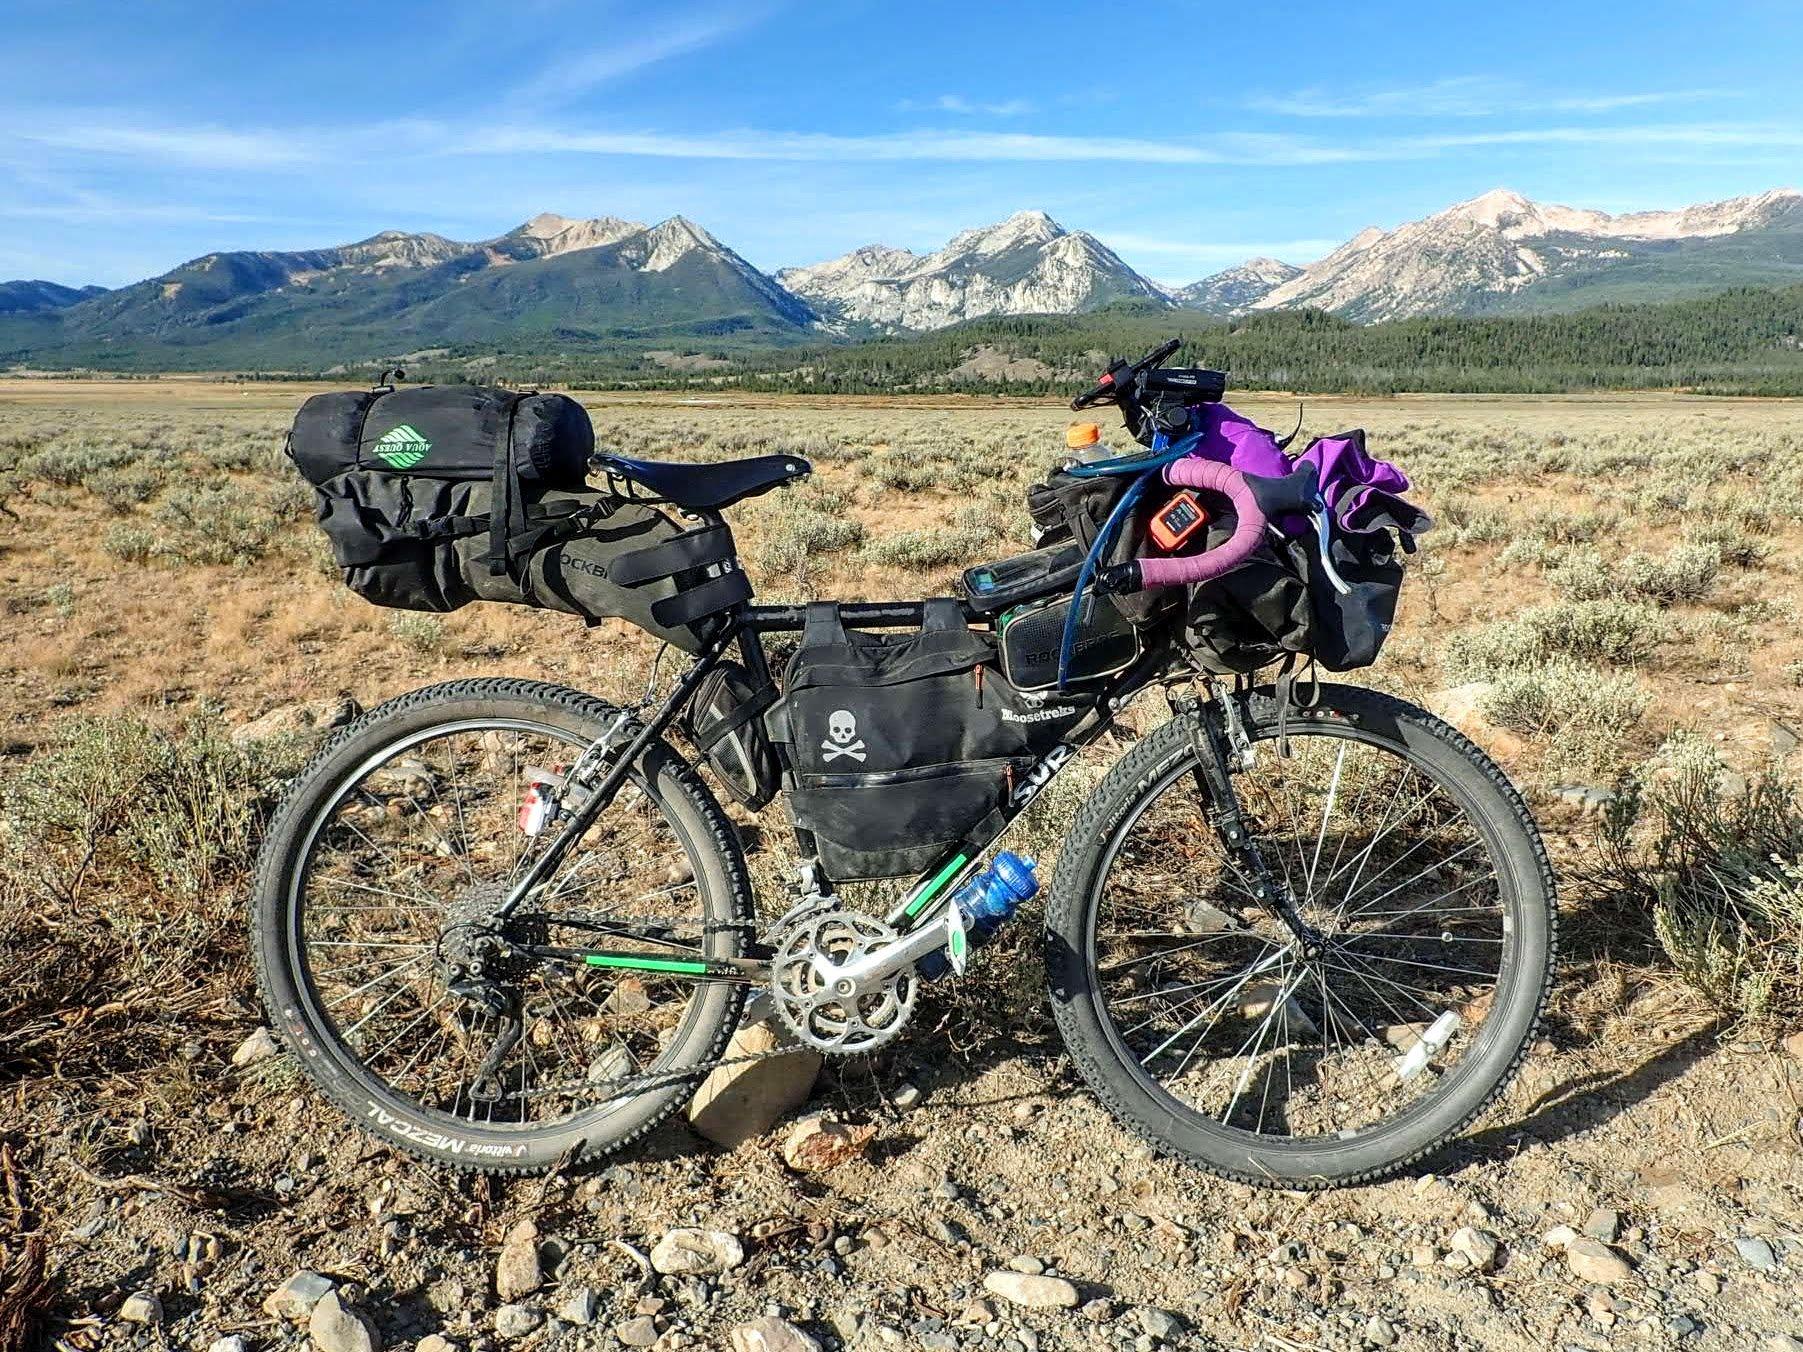 Long Haul Trucker with bikepacking gear